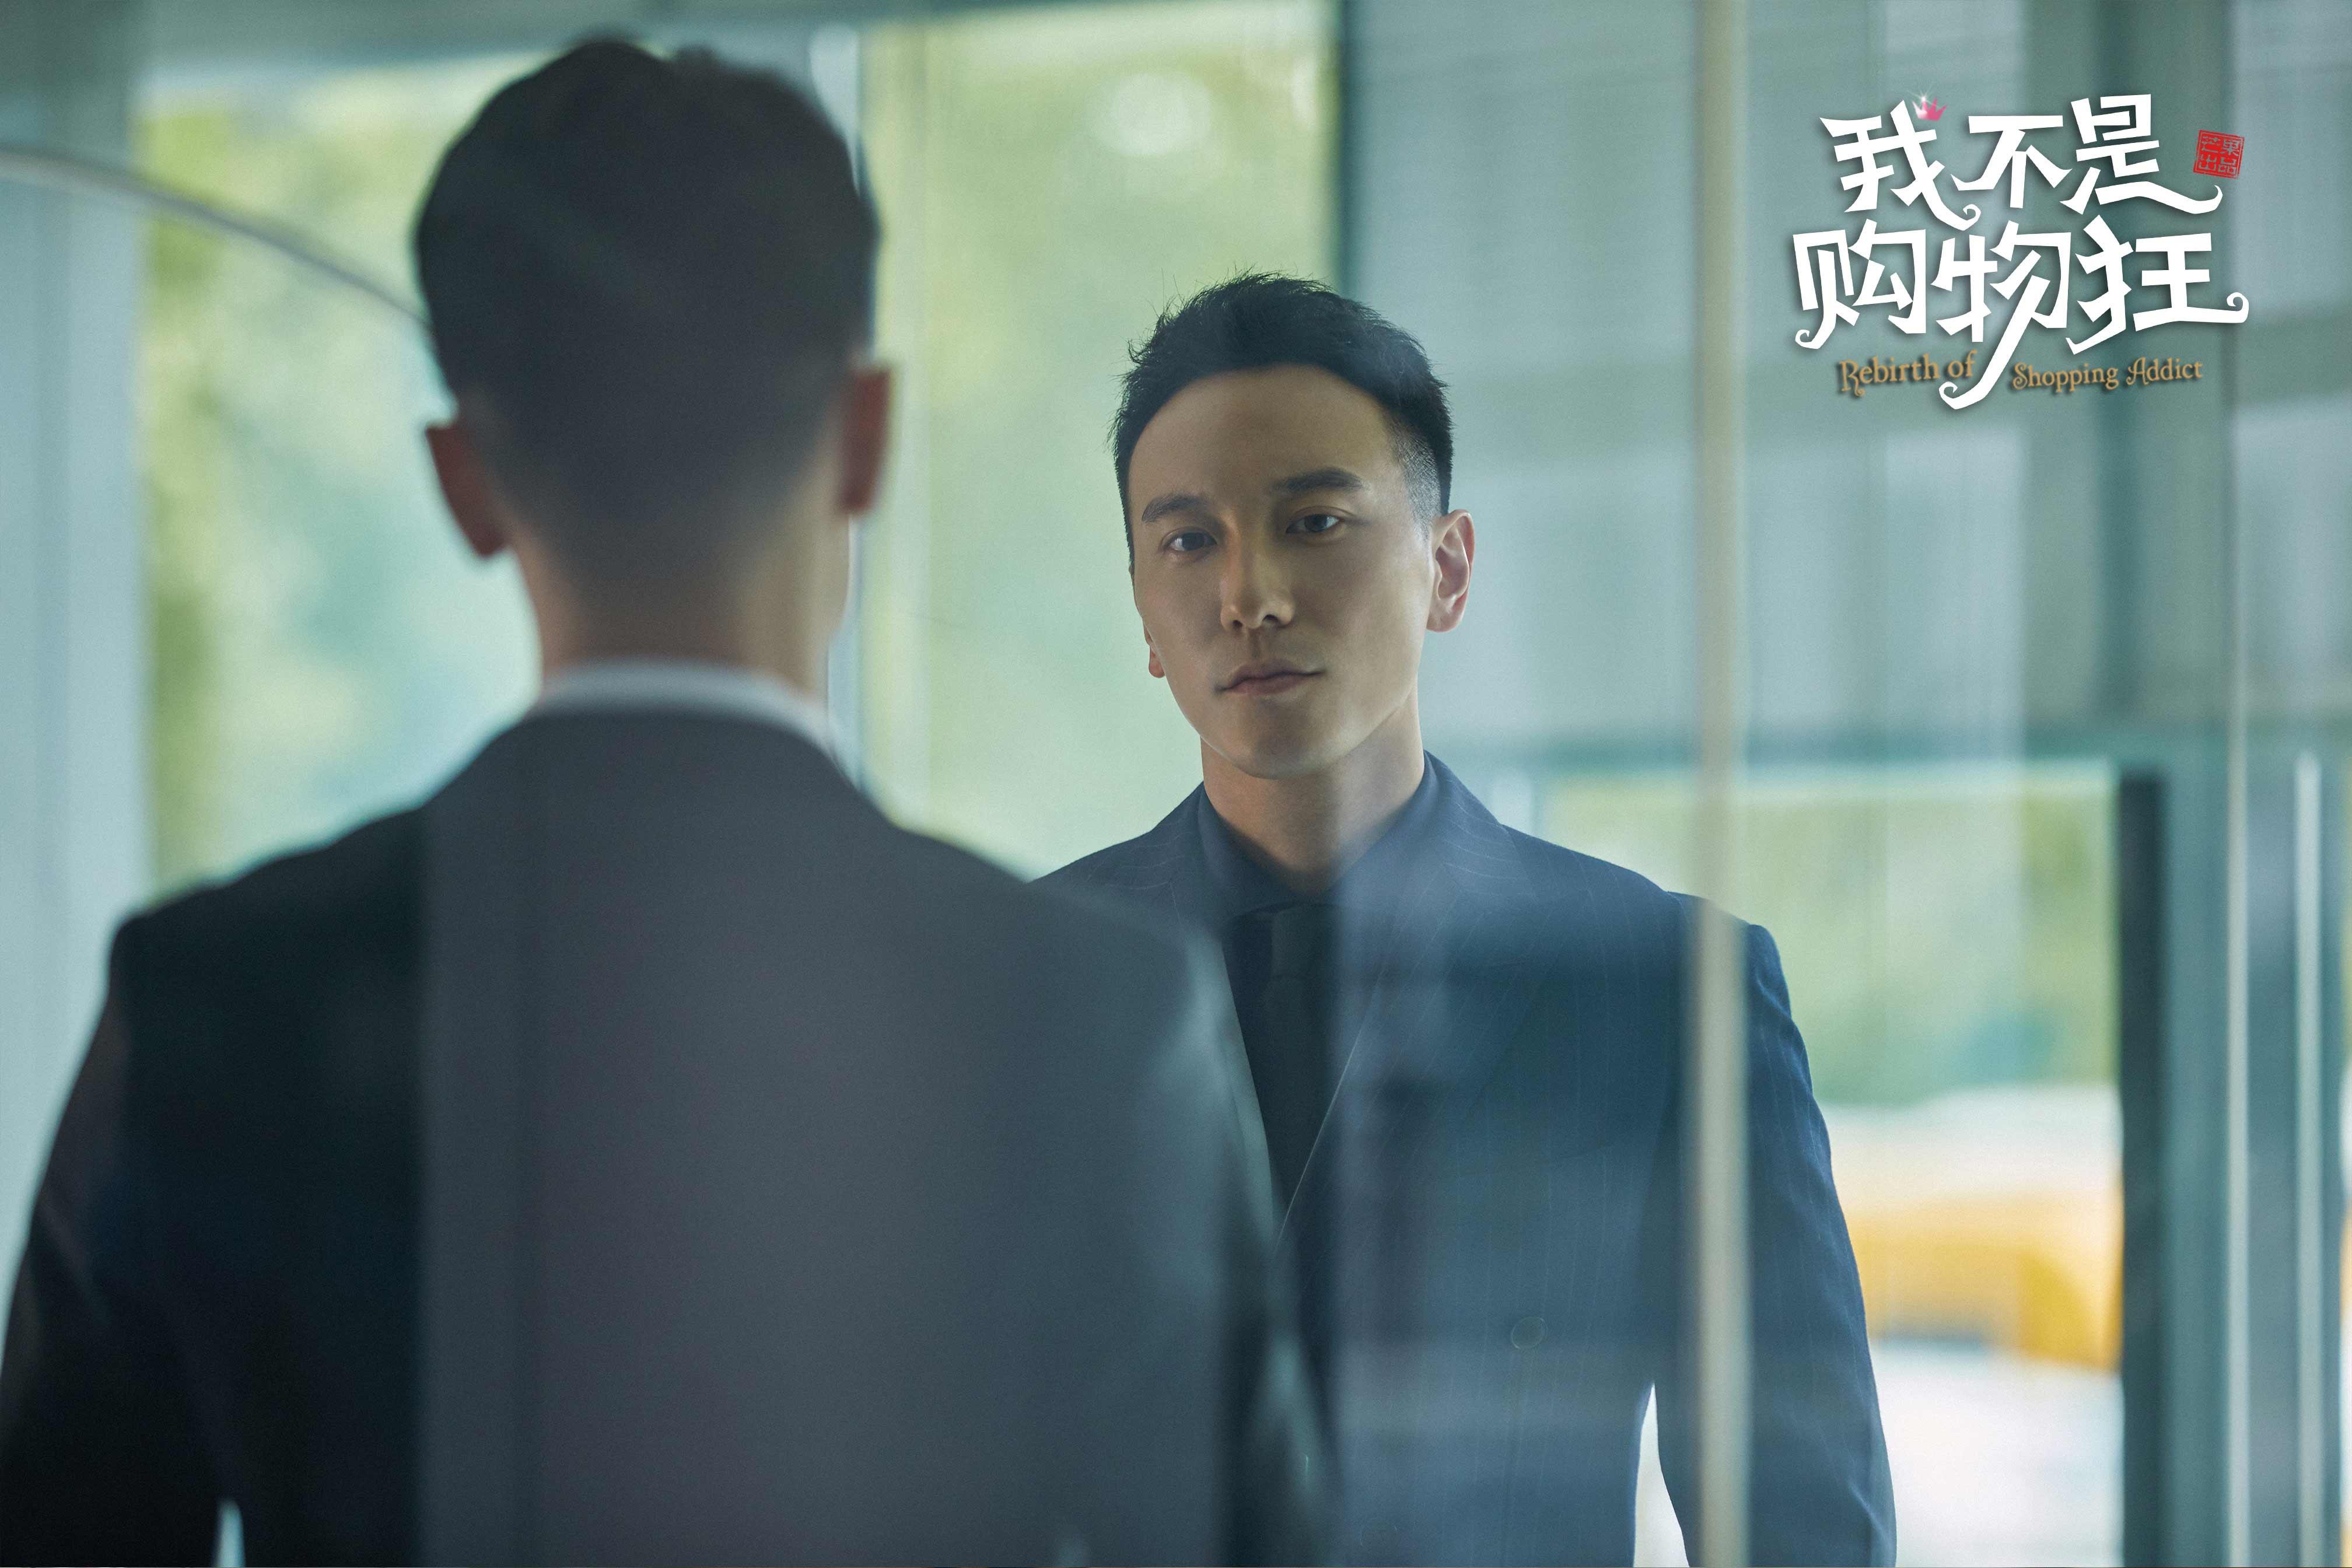 王阳明《我不是购物狂》开播 高冷总裁气场全开